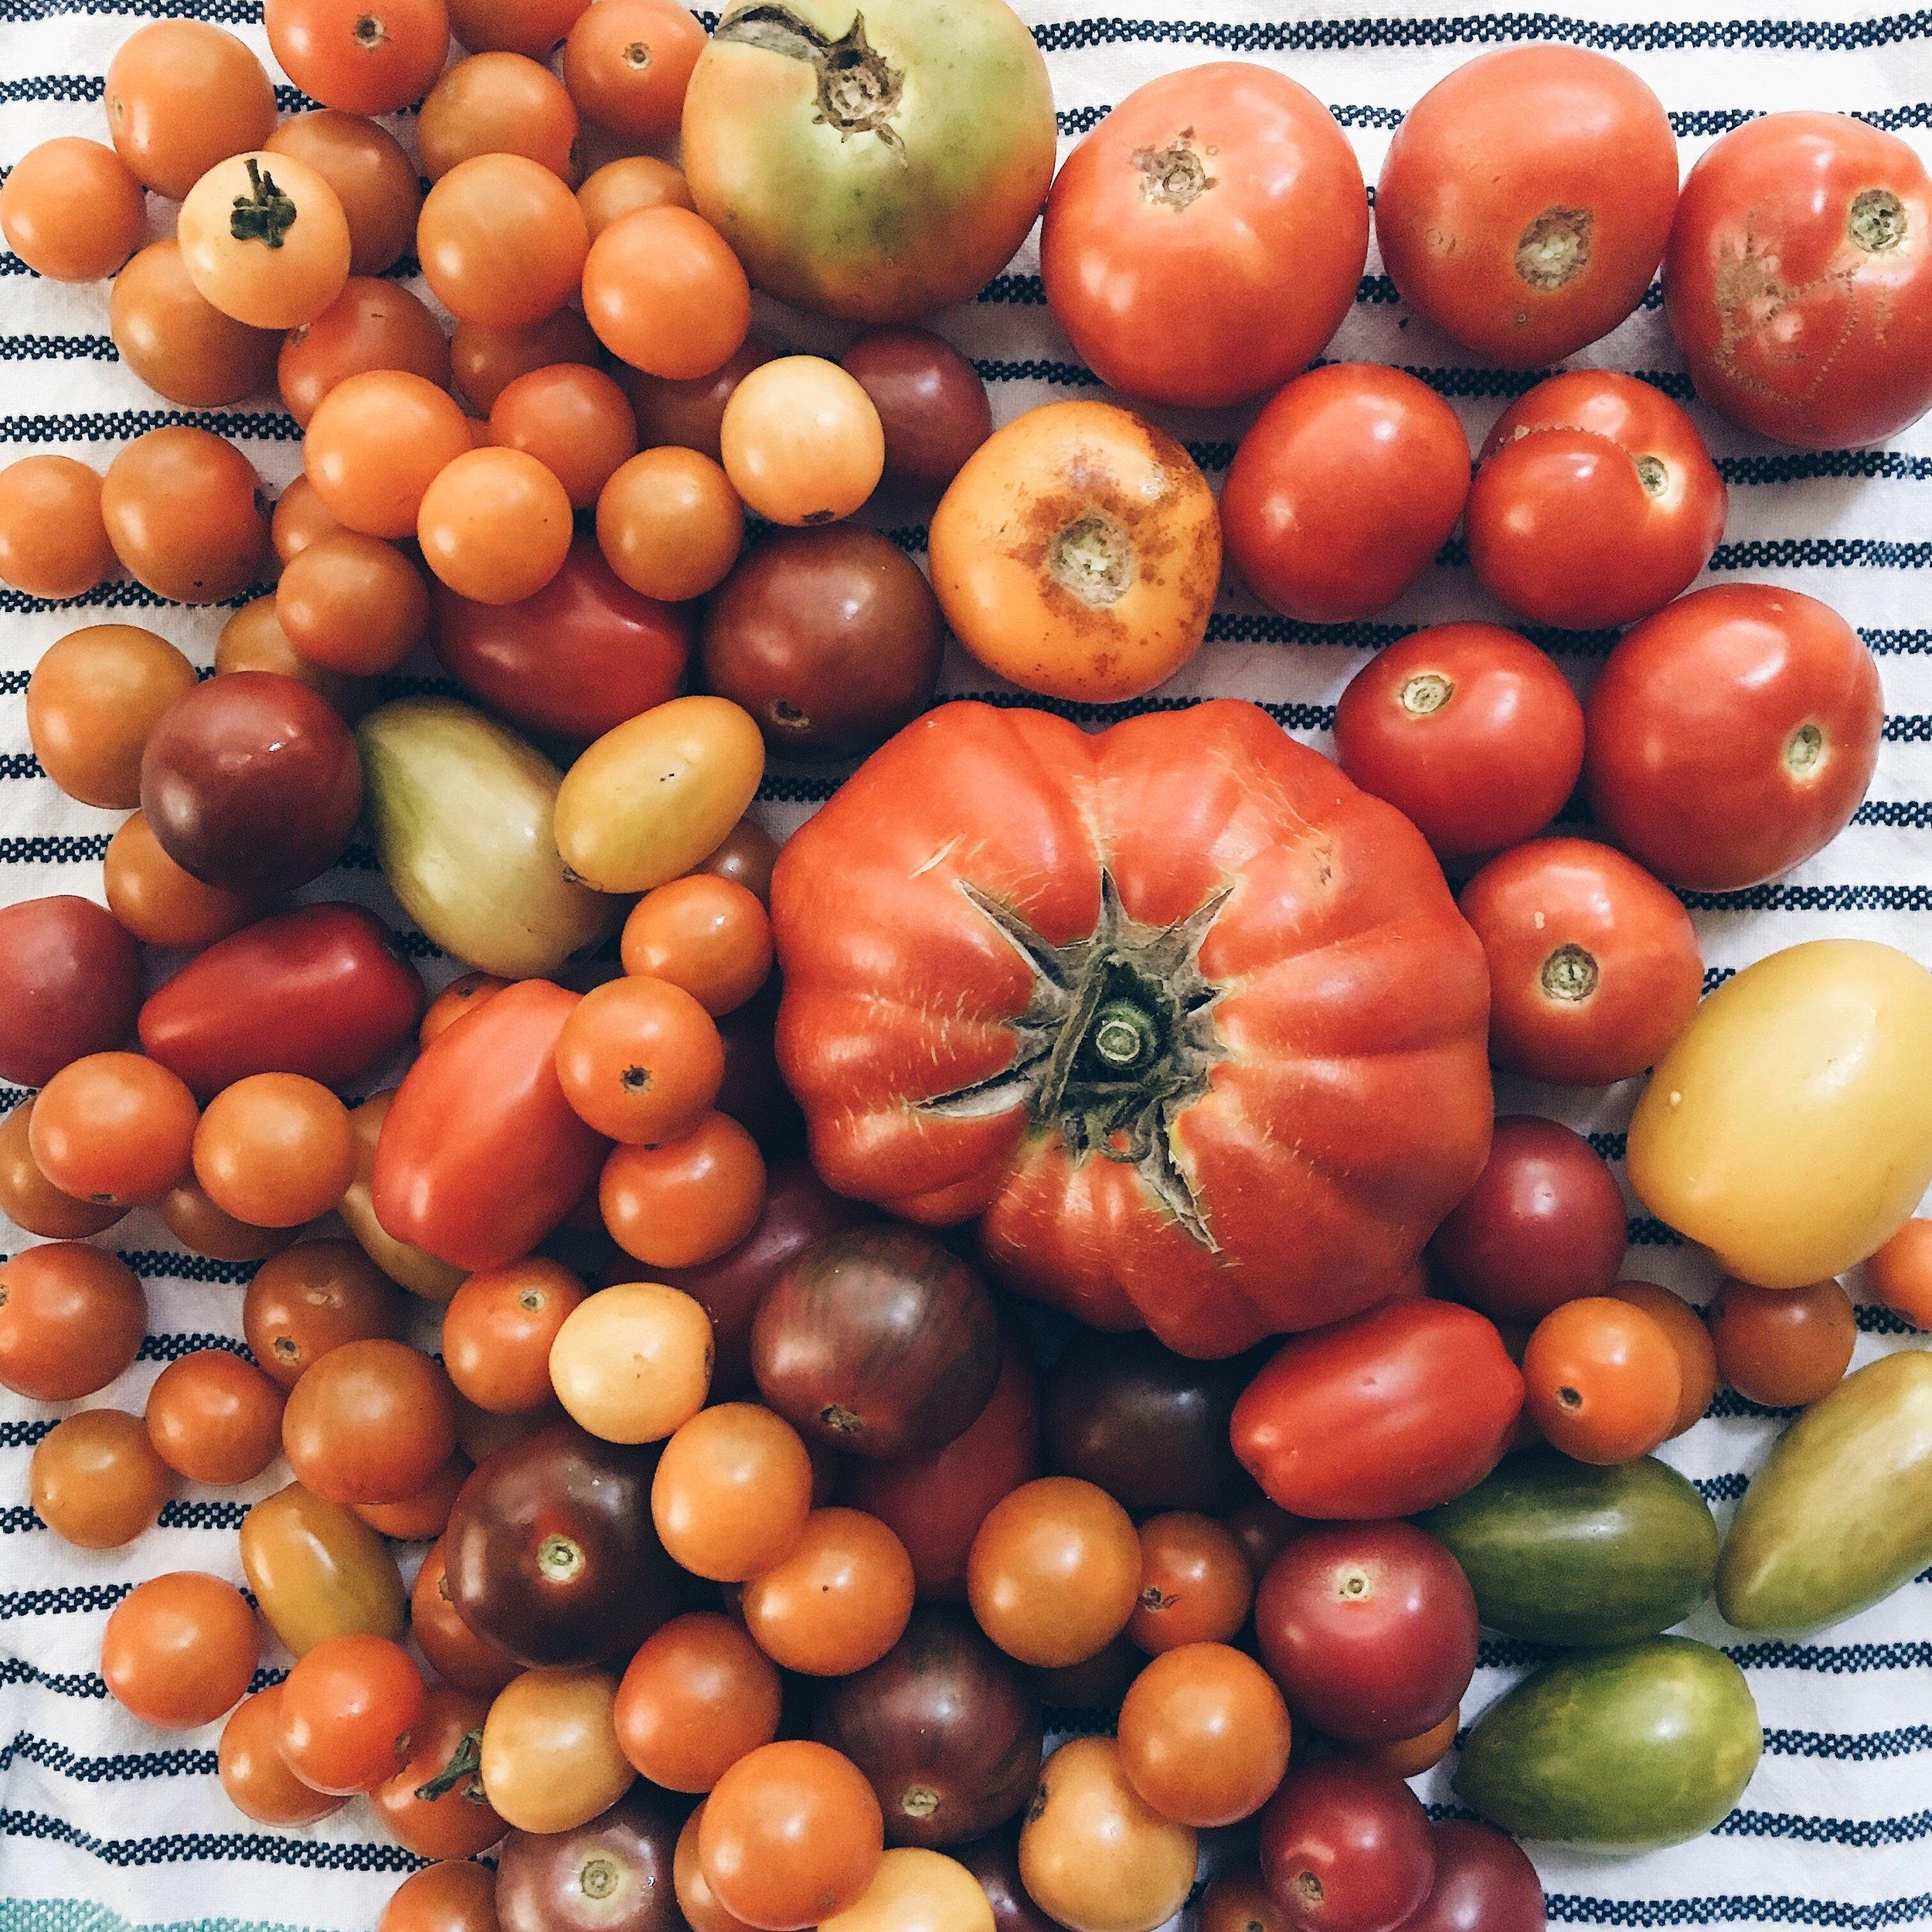 Tomatoes, ho!